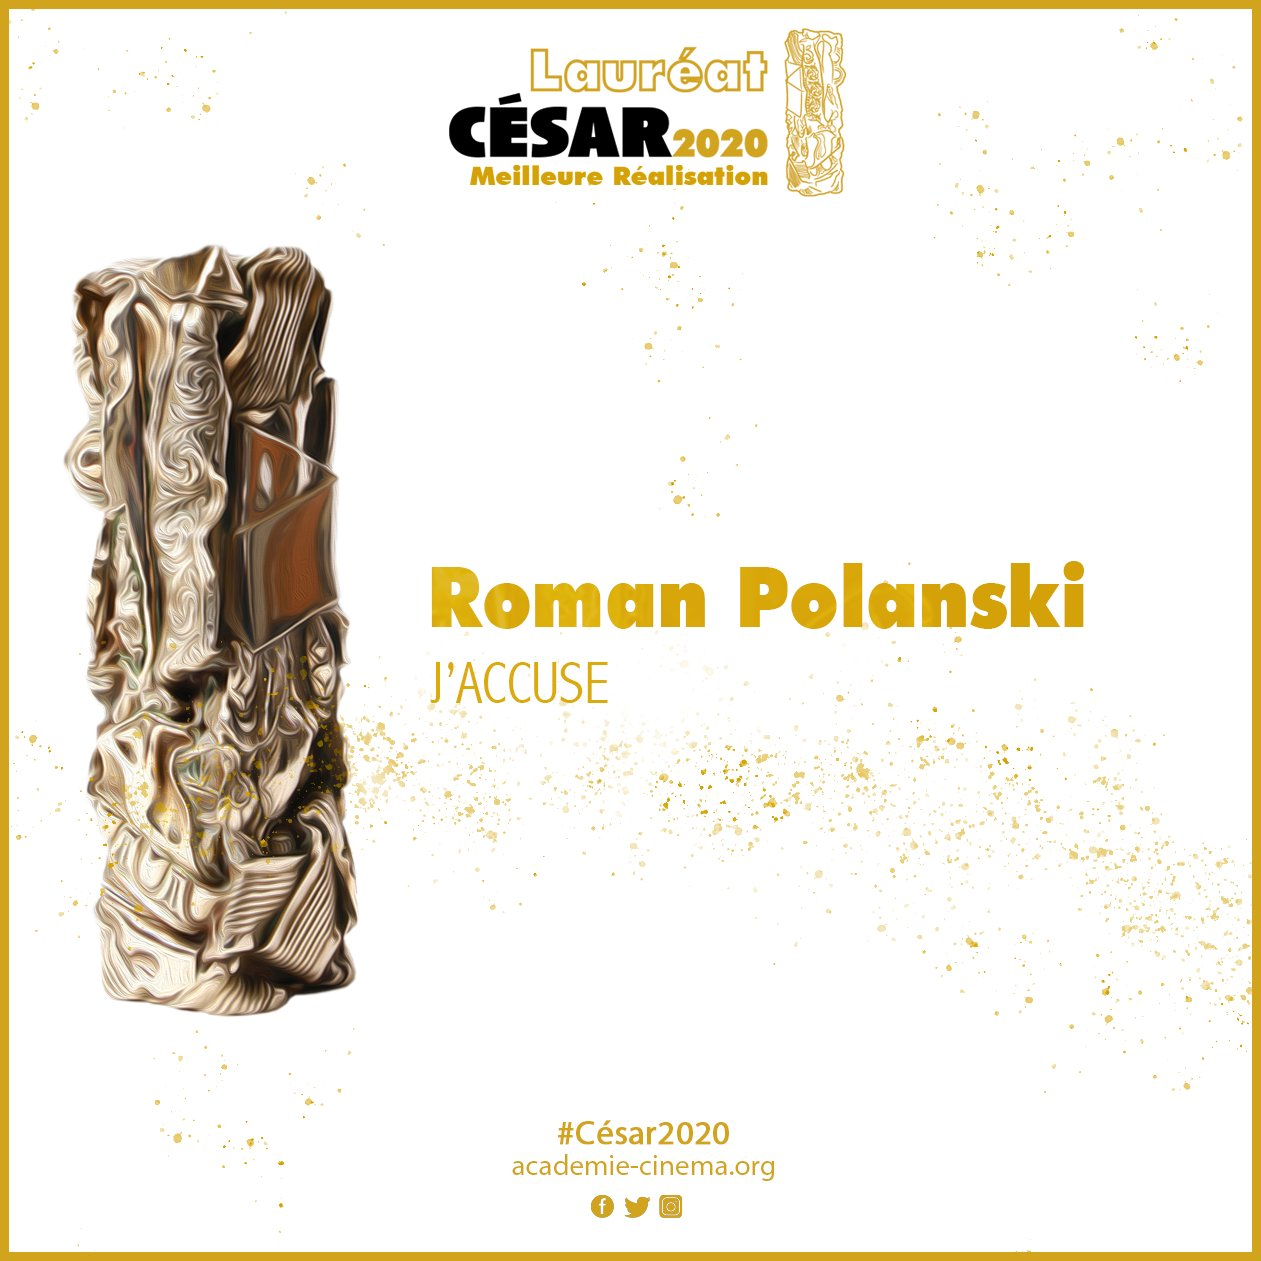 César 2020: vince I miserabili, Roman Polanski miglior regista